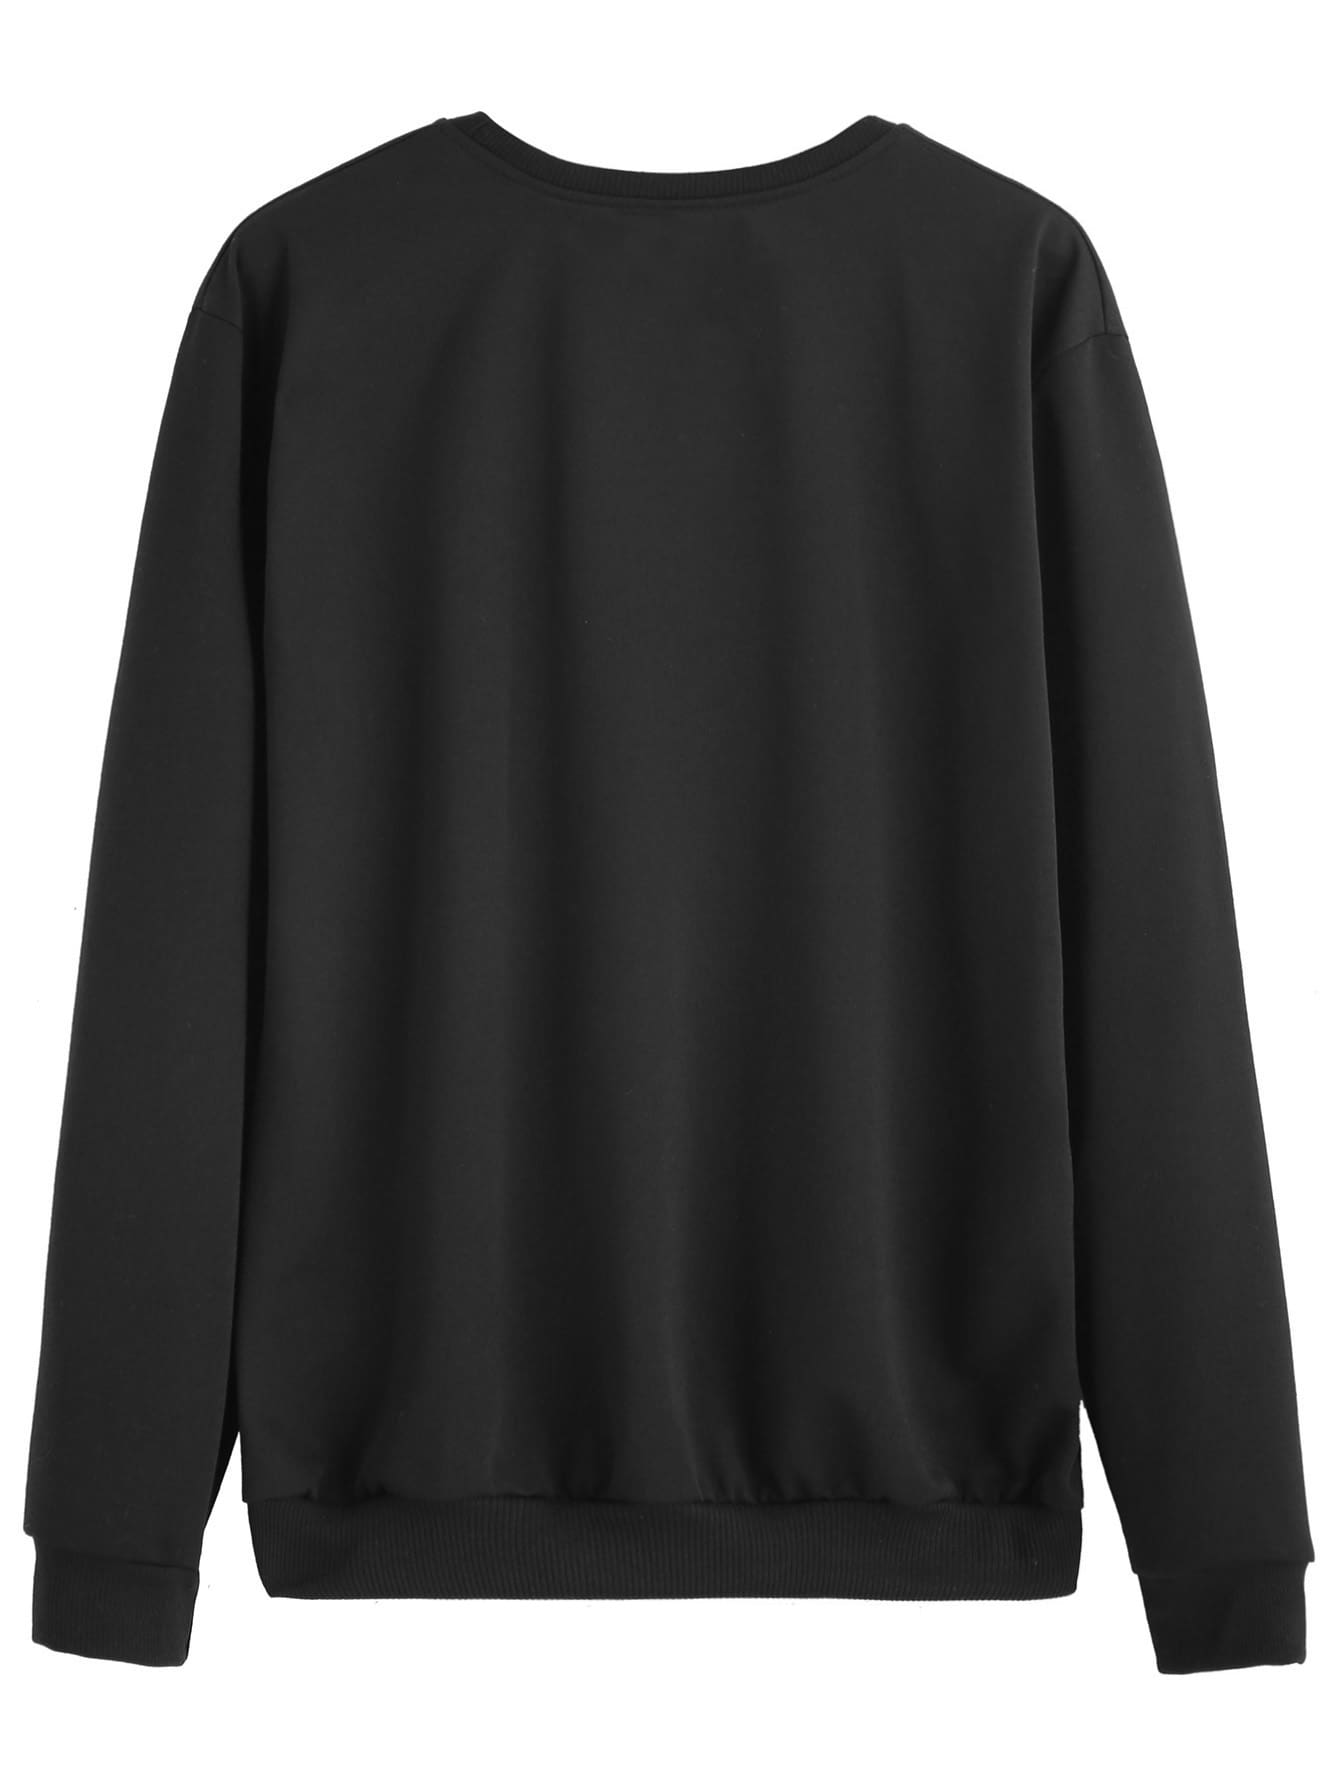 sweatshirt160826126_2